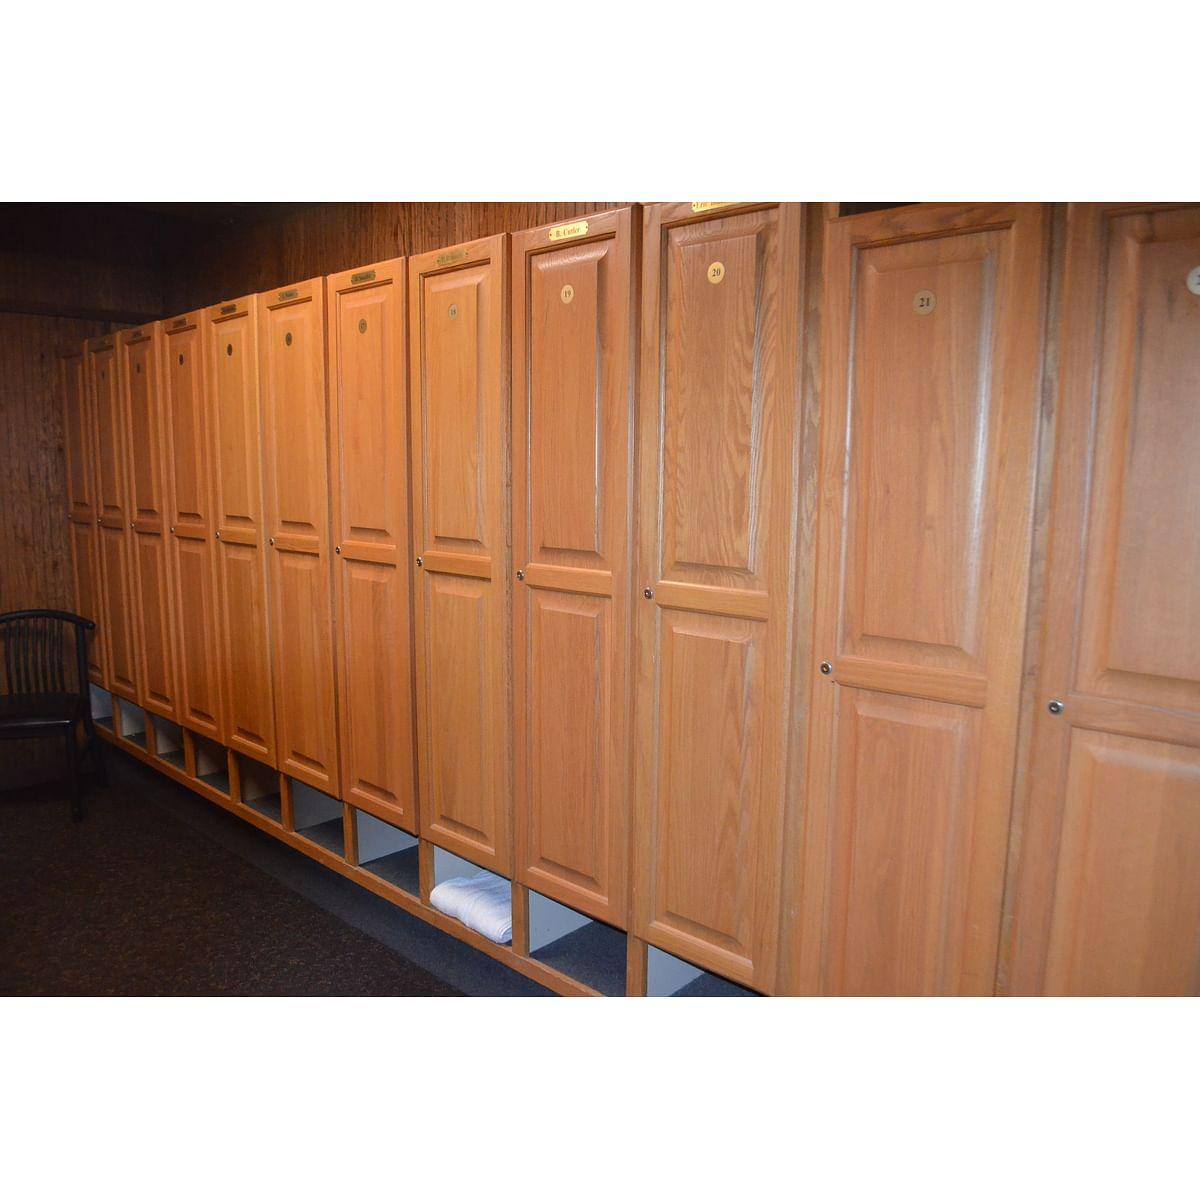 Sealed Bid Auction In Allen County Indiana Schrader